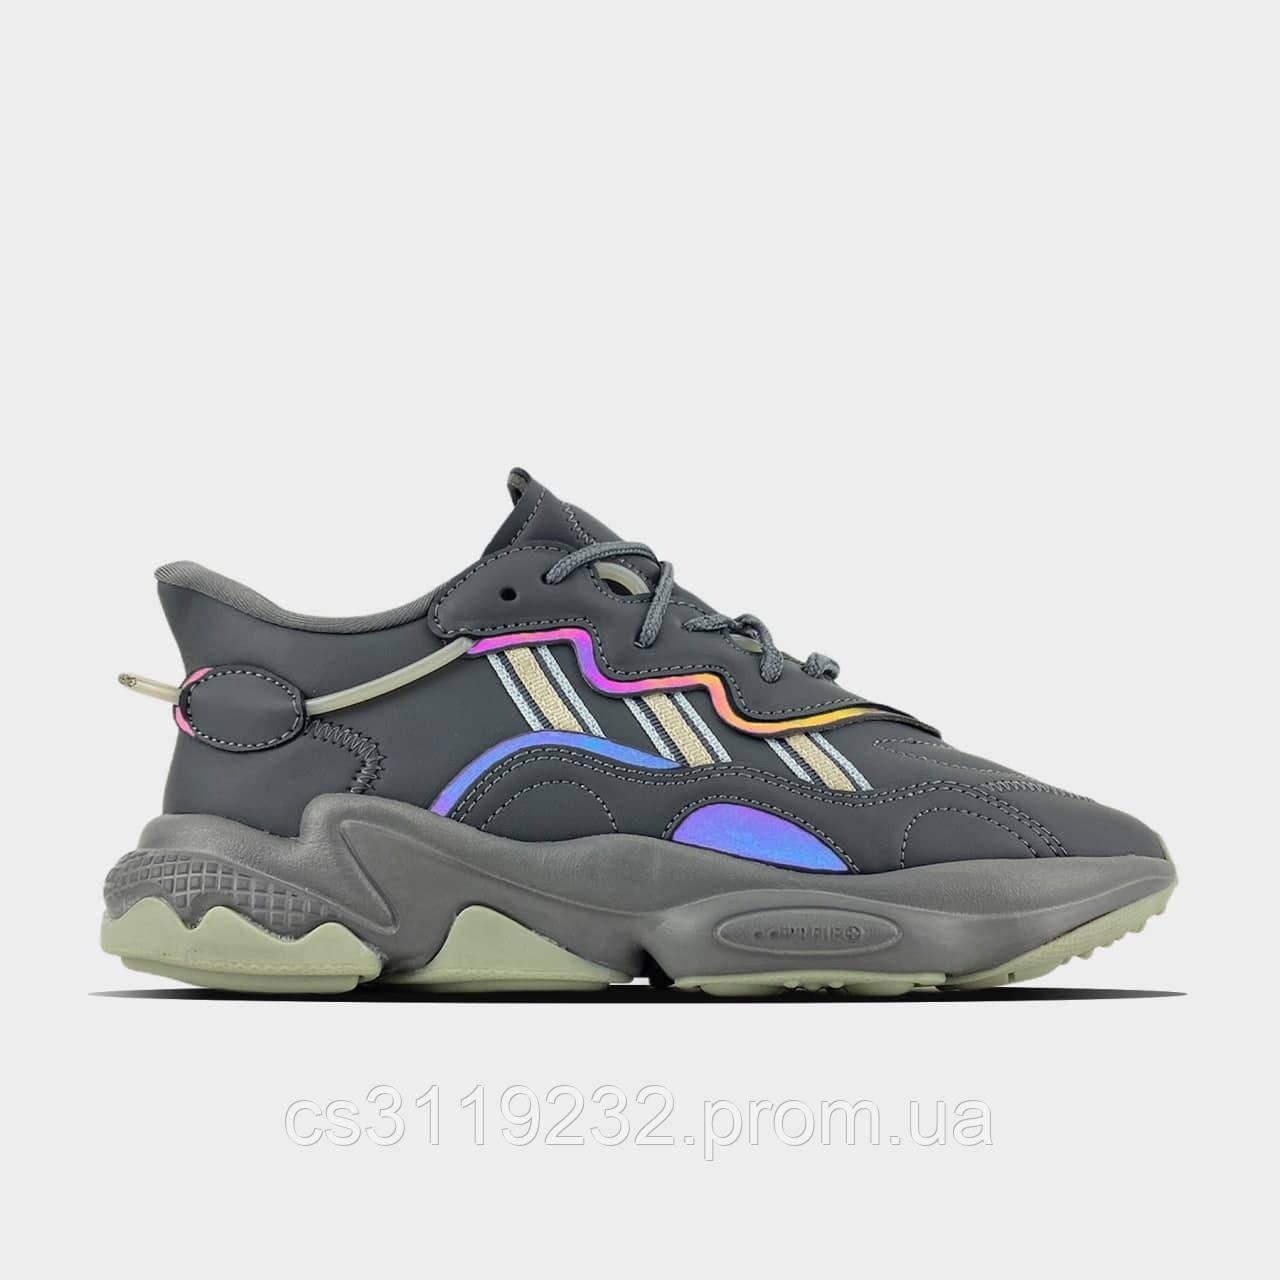 Жіночі кросівки Adidas Ozweego Triple Grey (сірі)